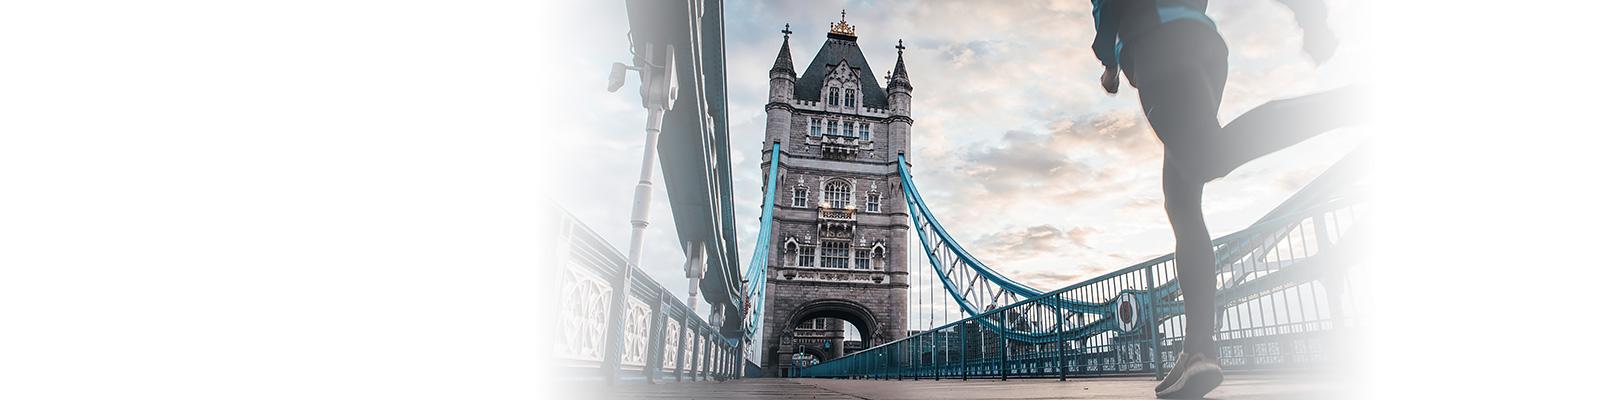 ロンドン スポーツ ランニング イメージ